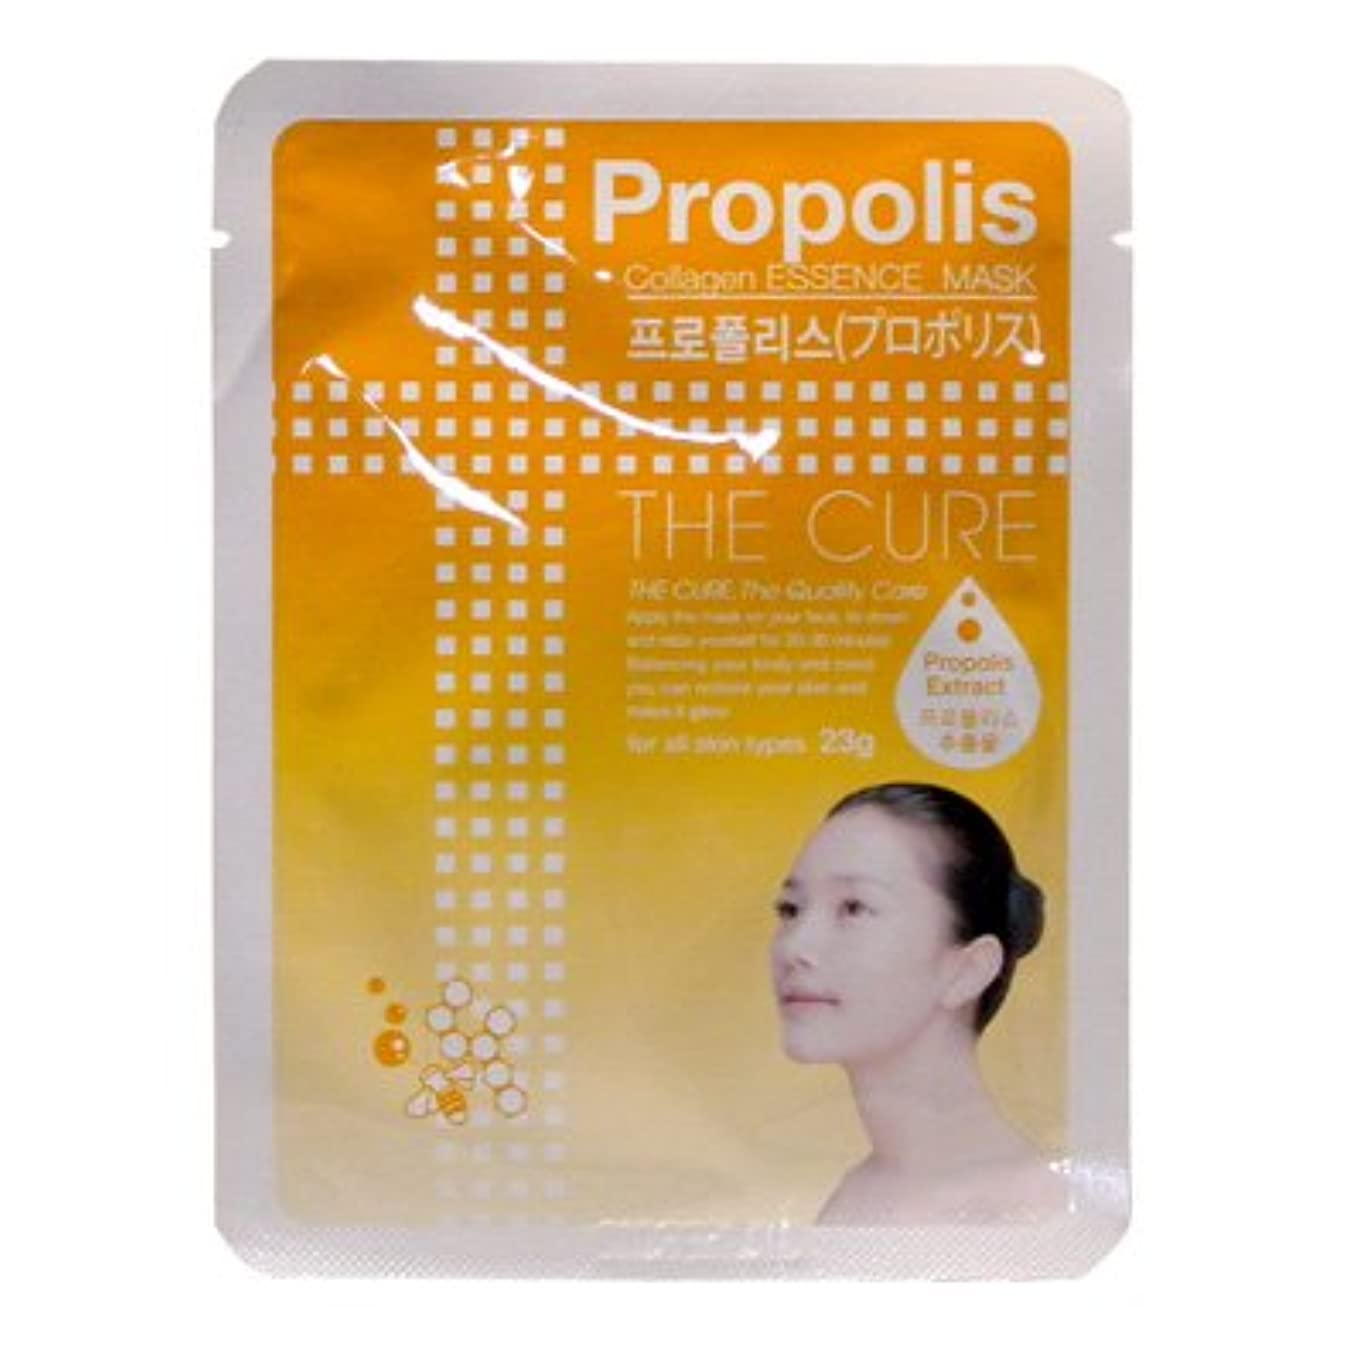 儀式ニンニク消毒剤CURE マスク シートパック プロポリス